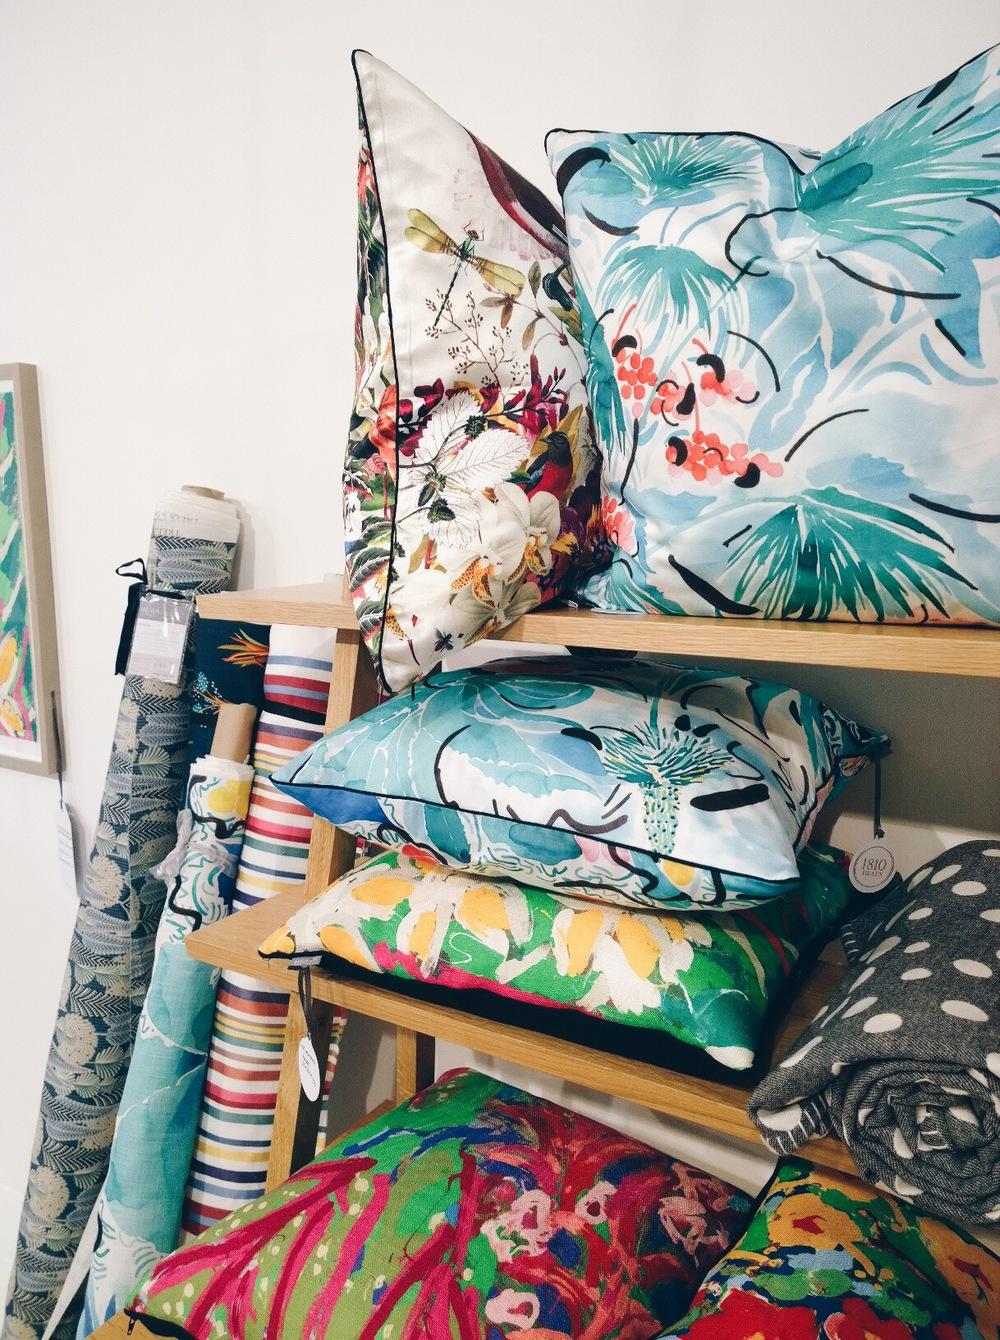 heal's cushions